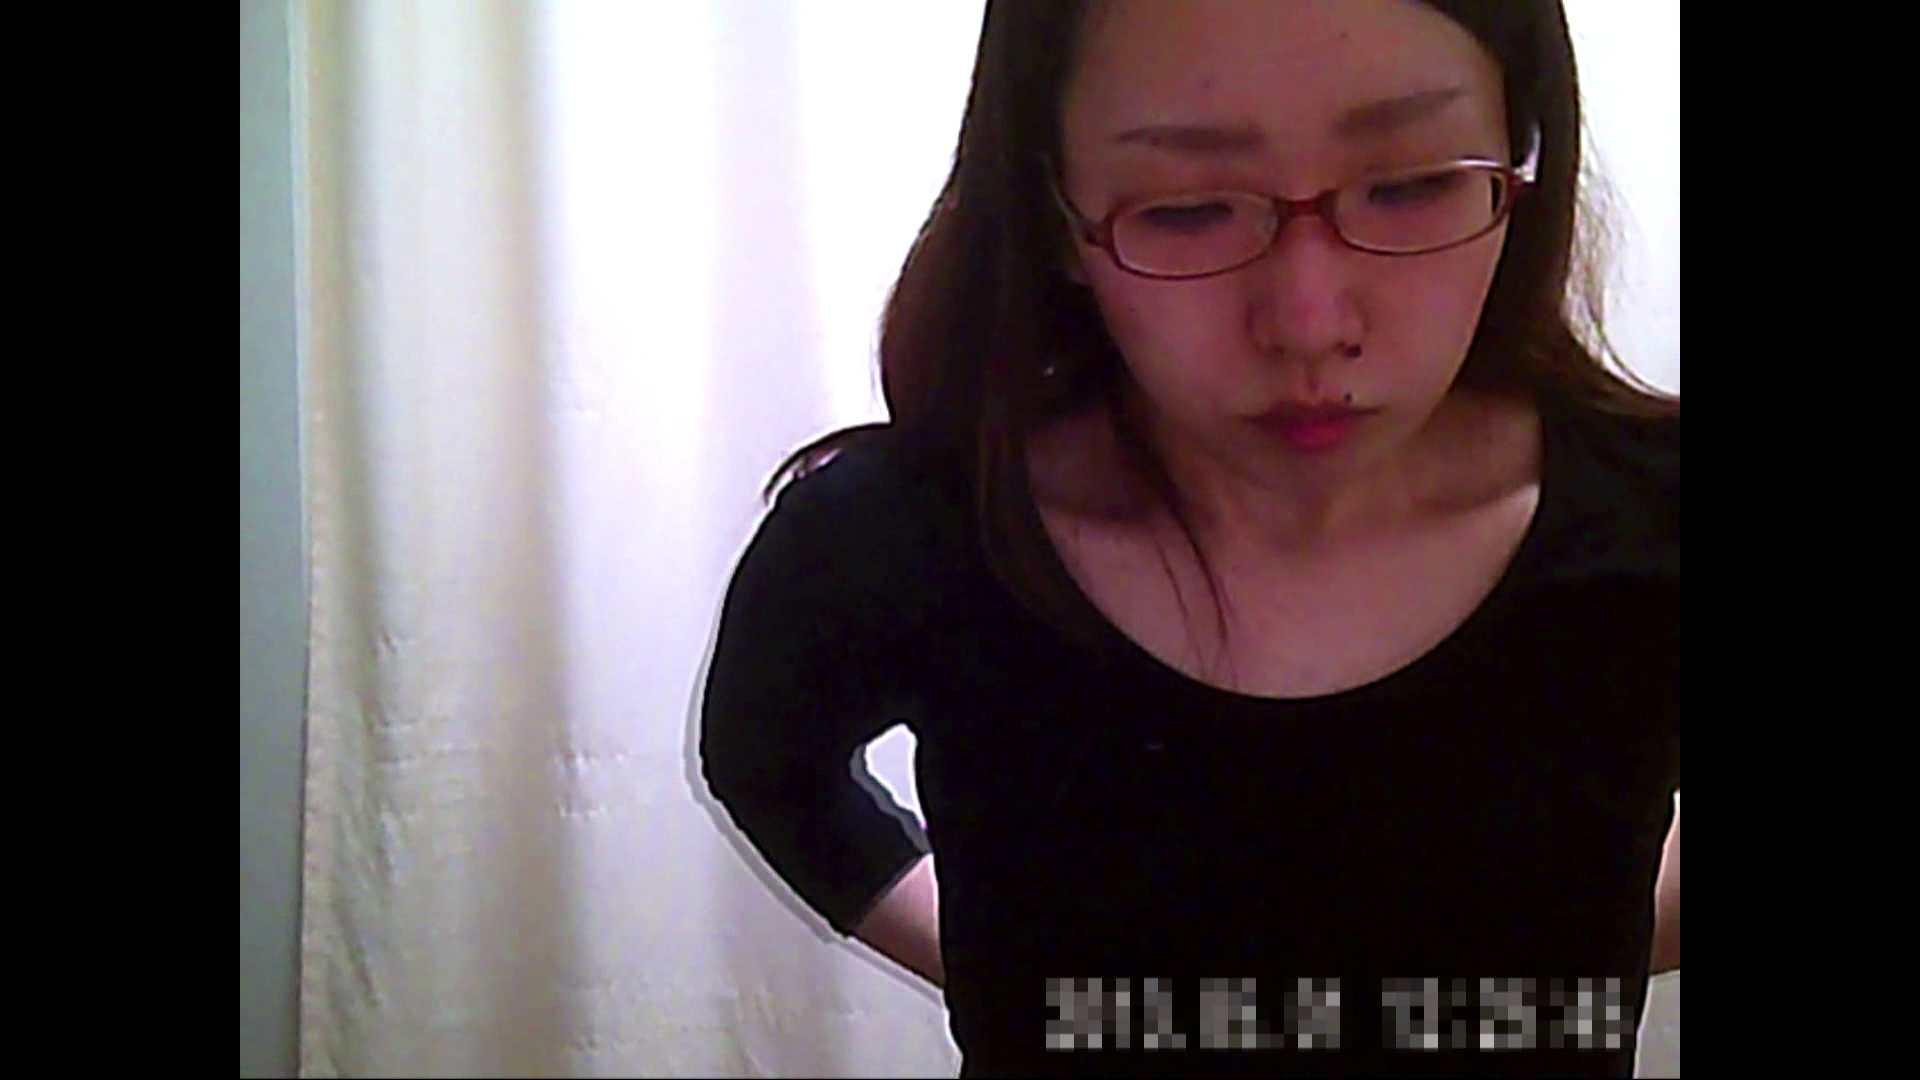 元医者による反抗 更衣室地獄絵巻 vol.090 OL | 0  30連発 22